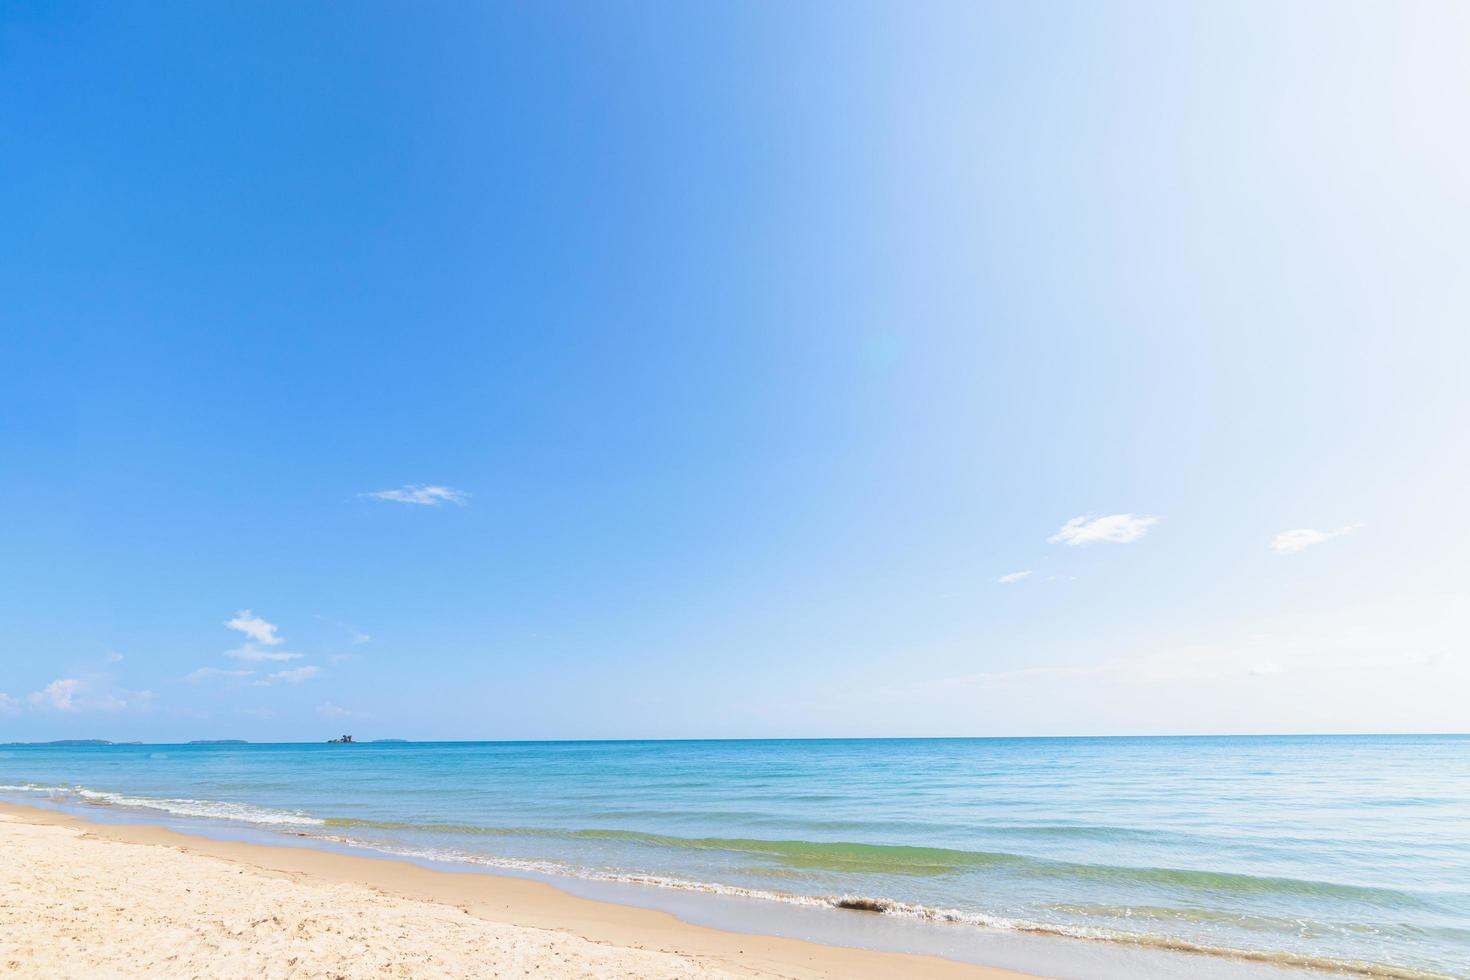 vista de la playa y el cielo despejado durante el día. foto